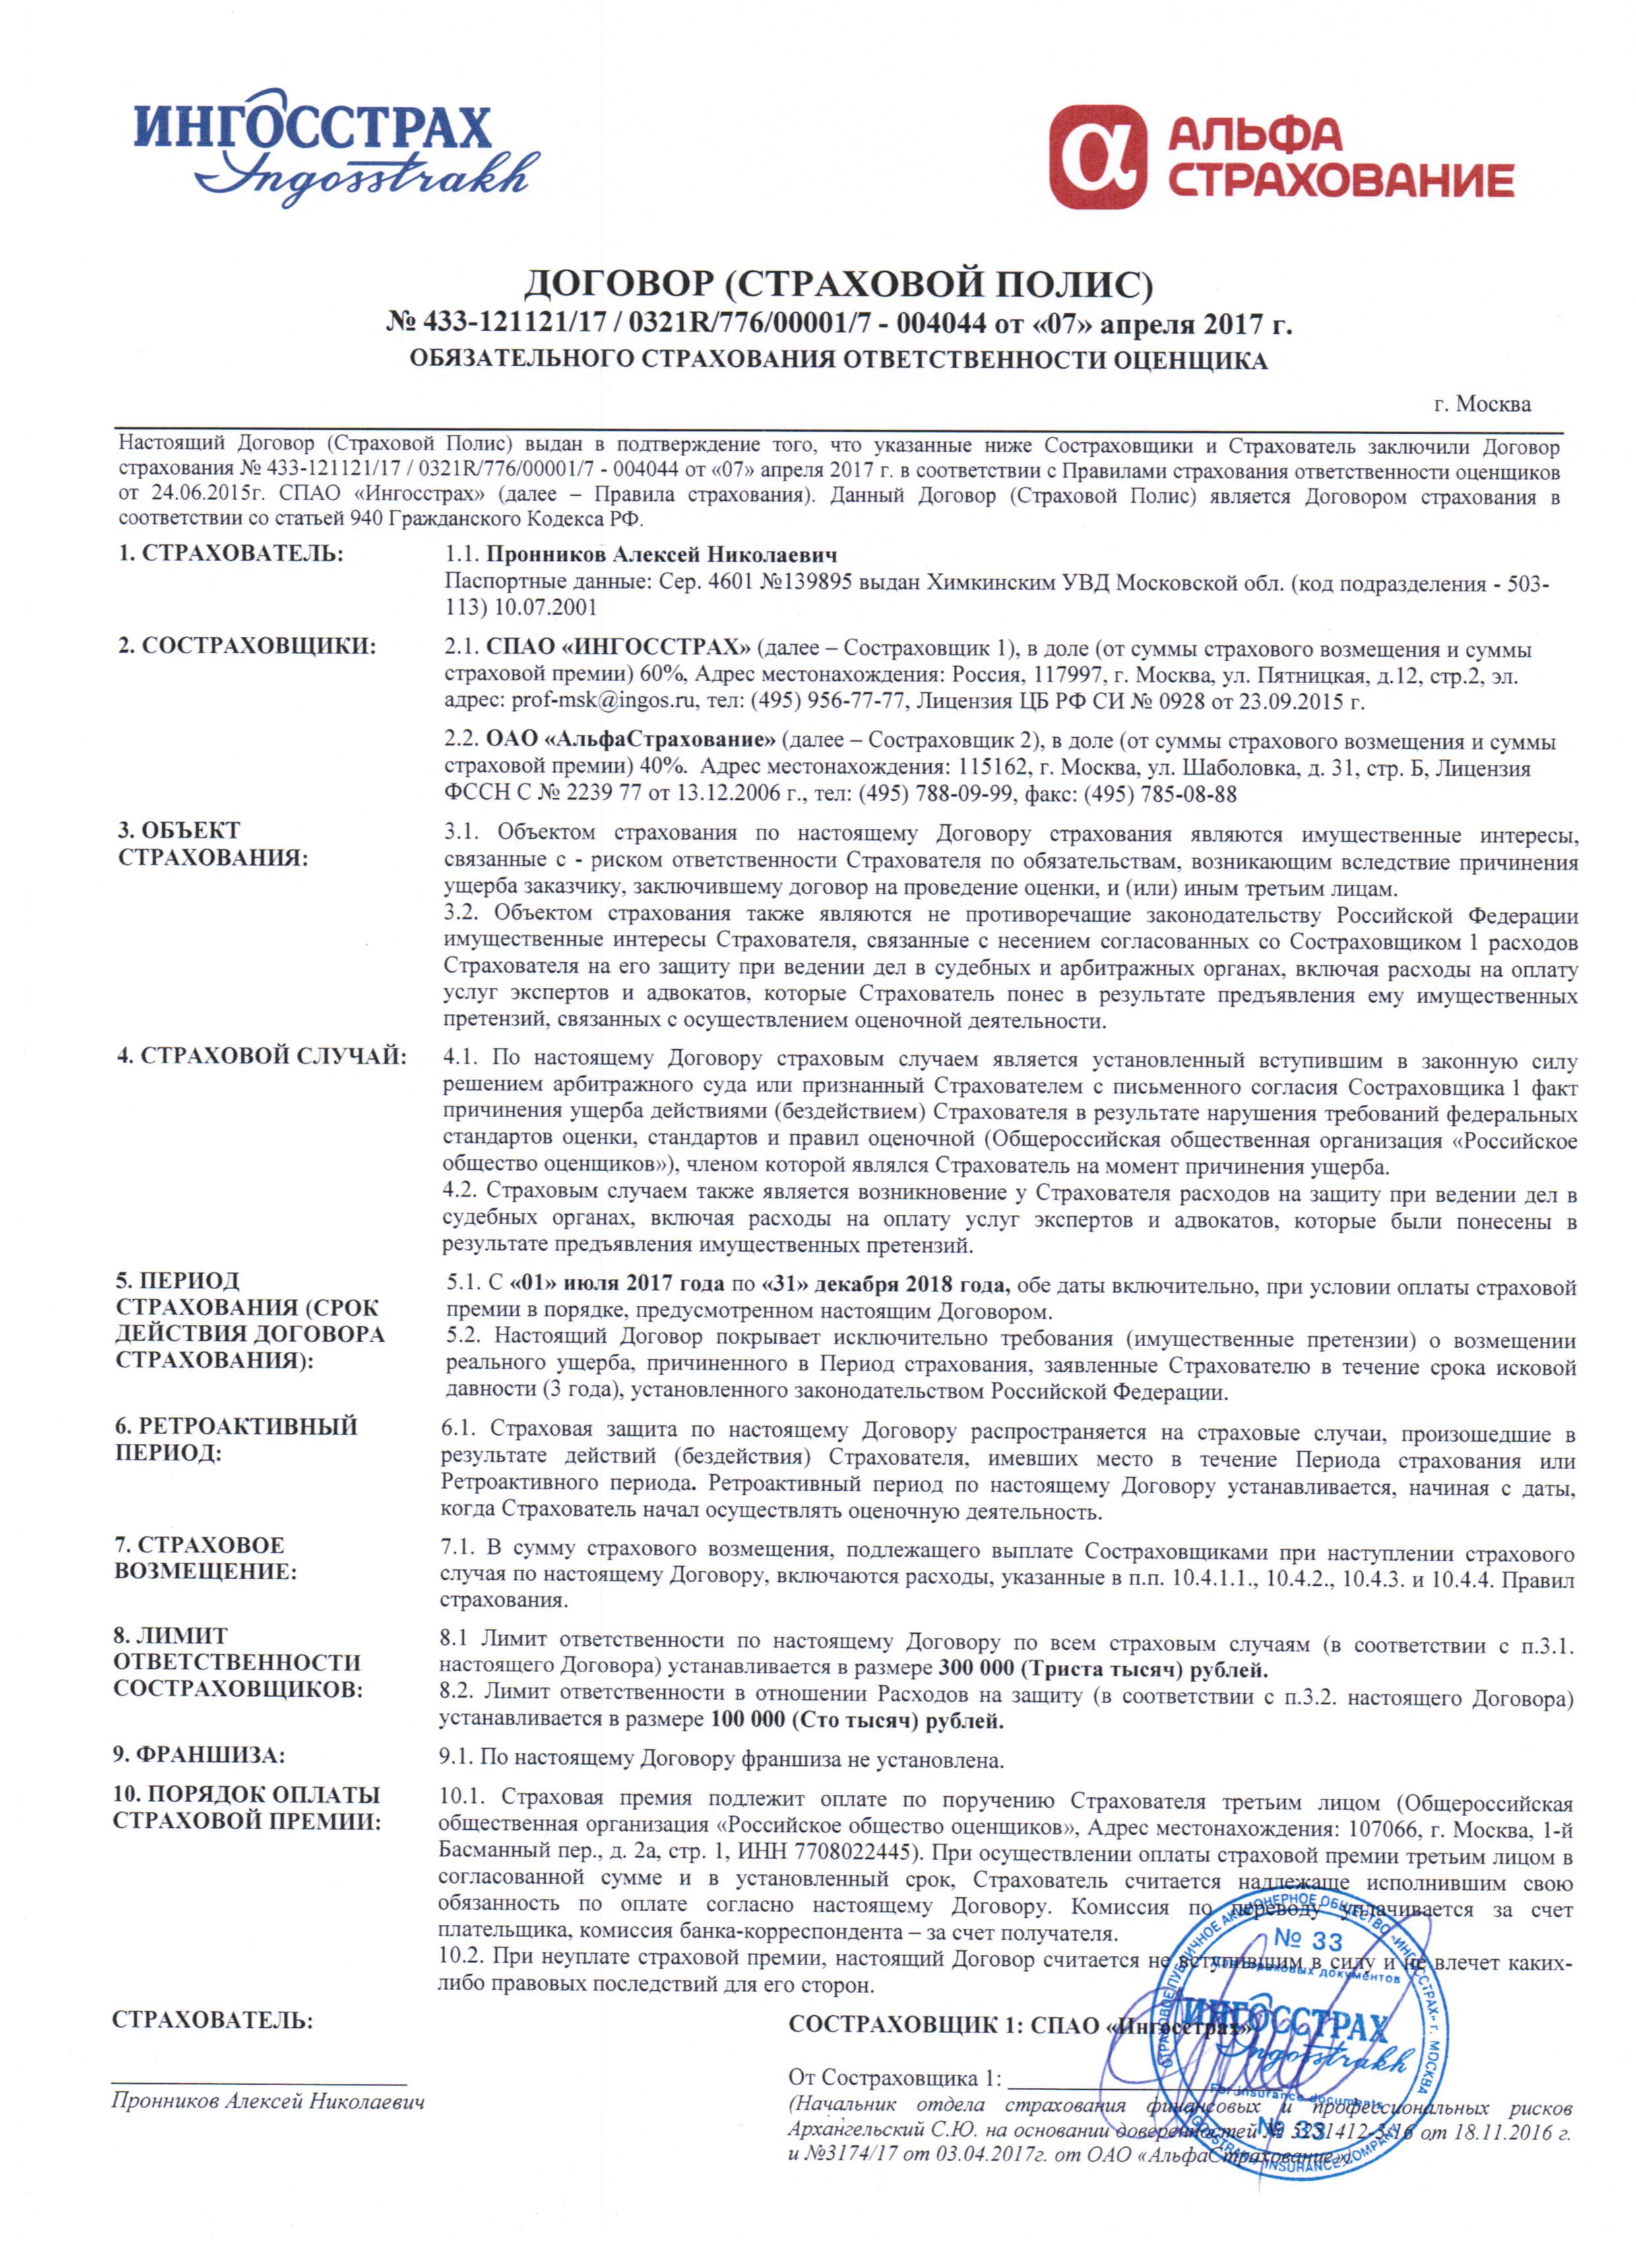 Полис Пронников от 30,06,17